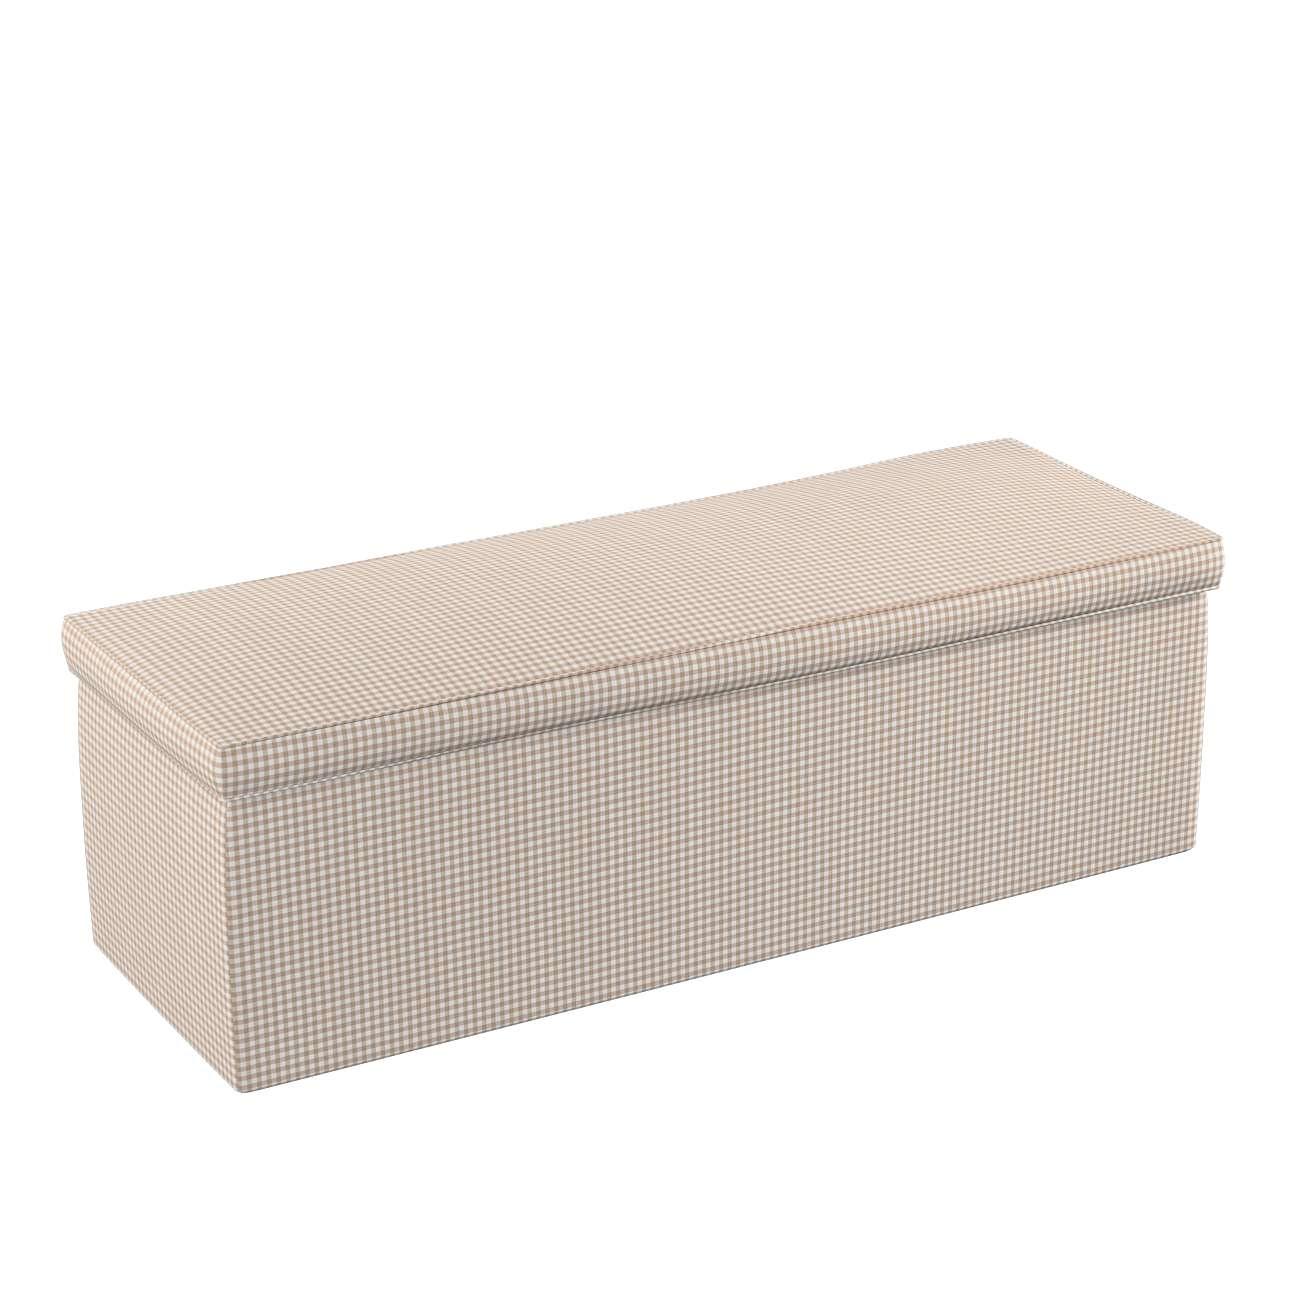 Truhlica čalúnená 90 x 40 x 40 cm V kolekcii Quadro, tkanina: 136-05